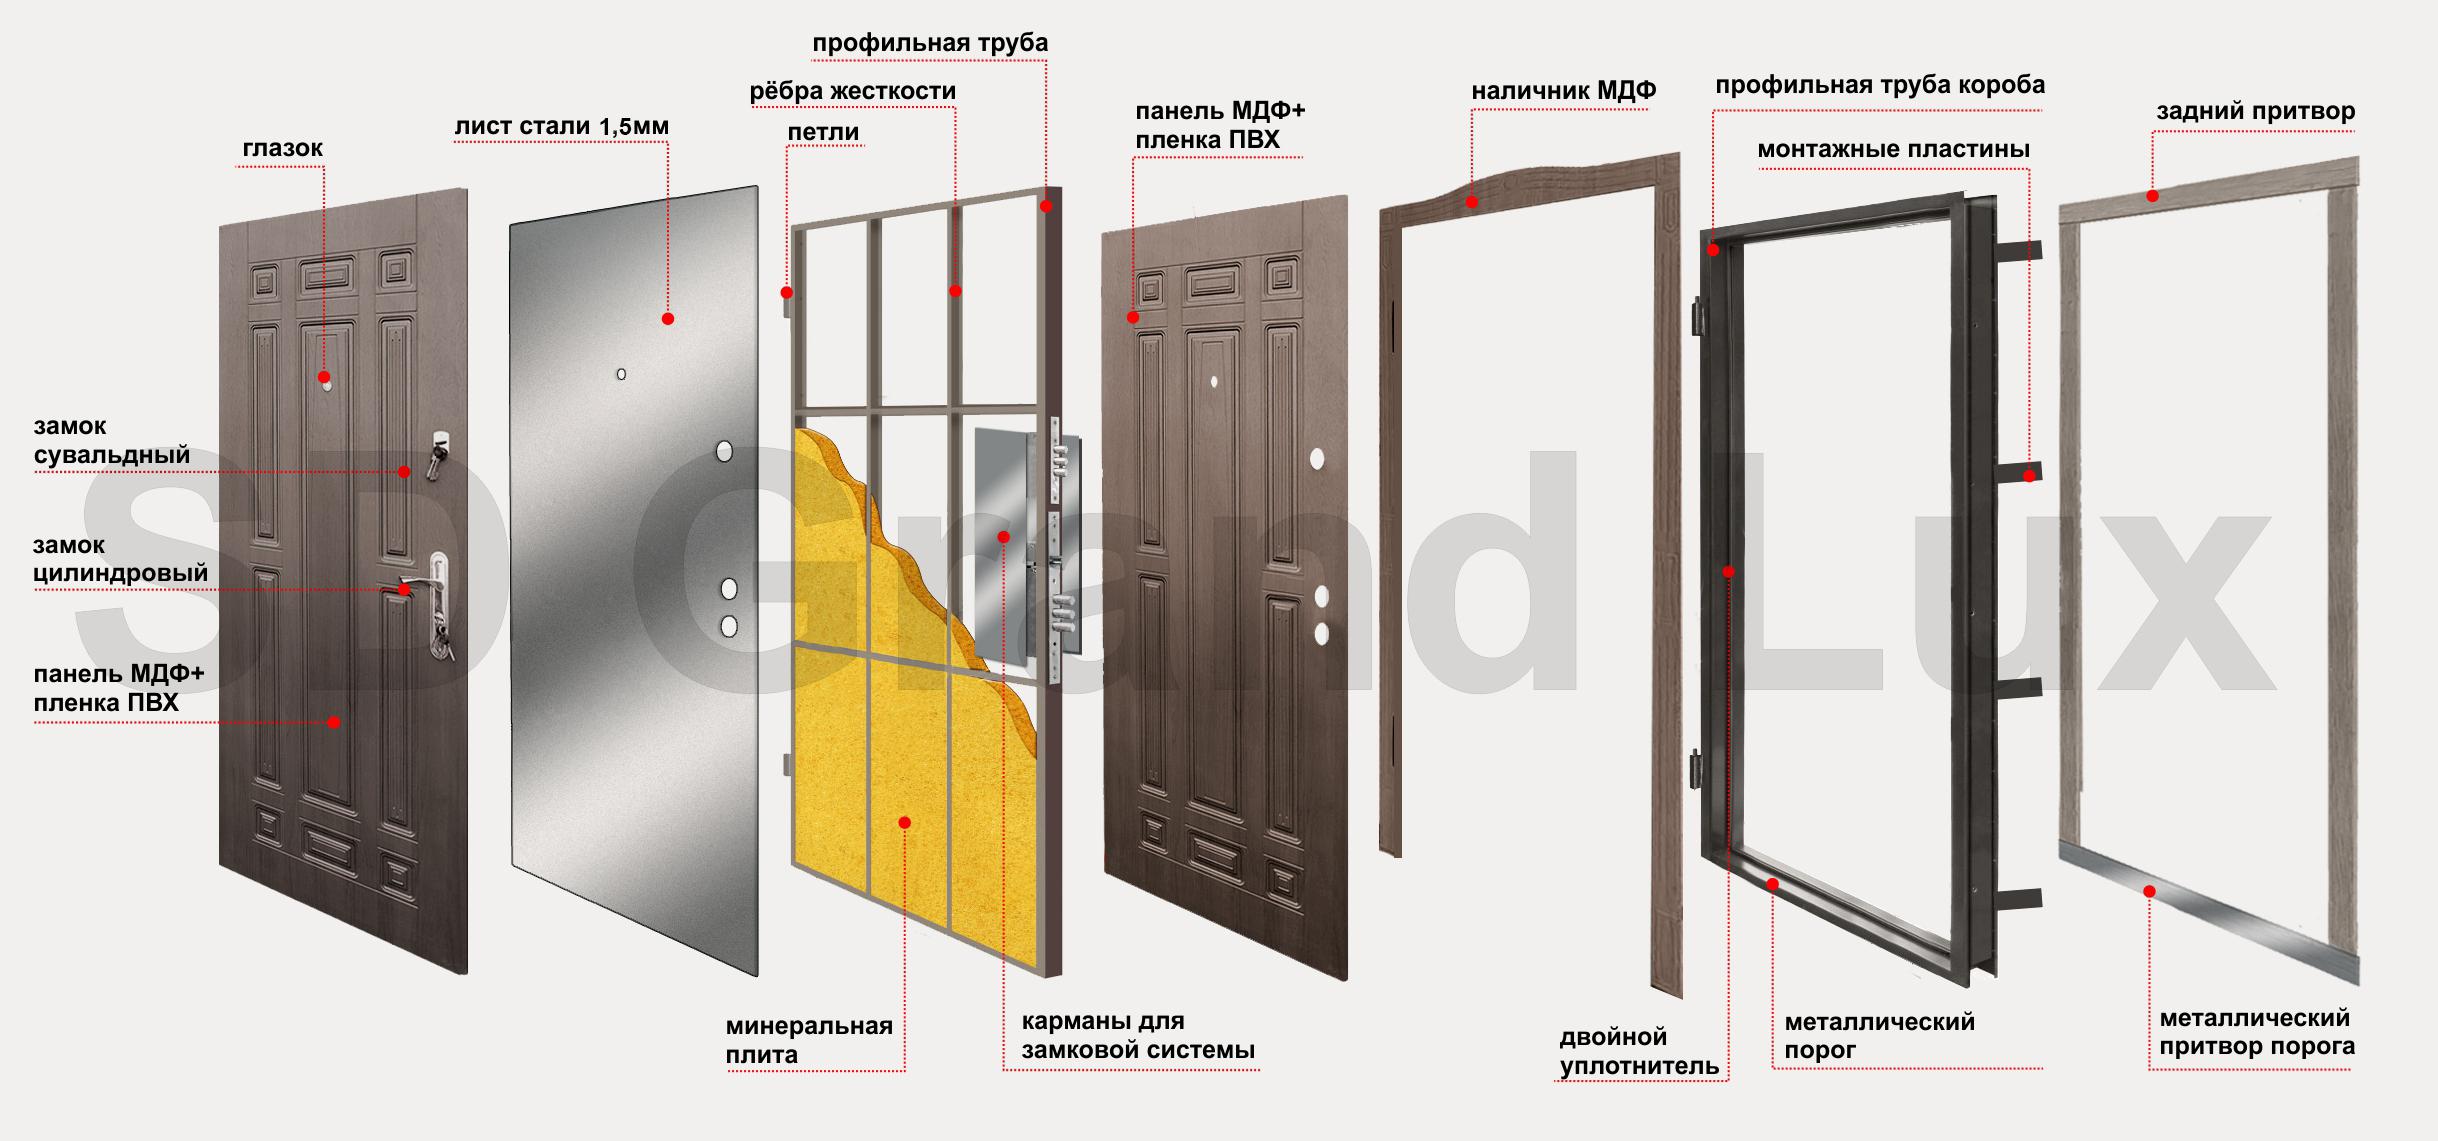 двери стальные двери металлические двери железные двери